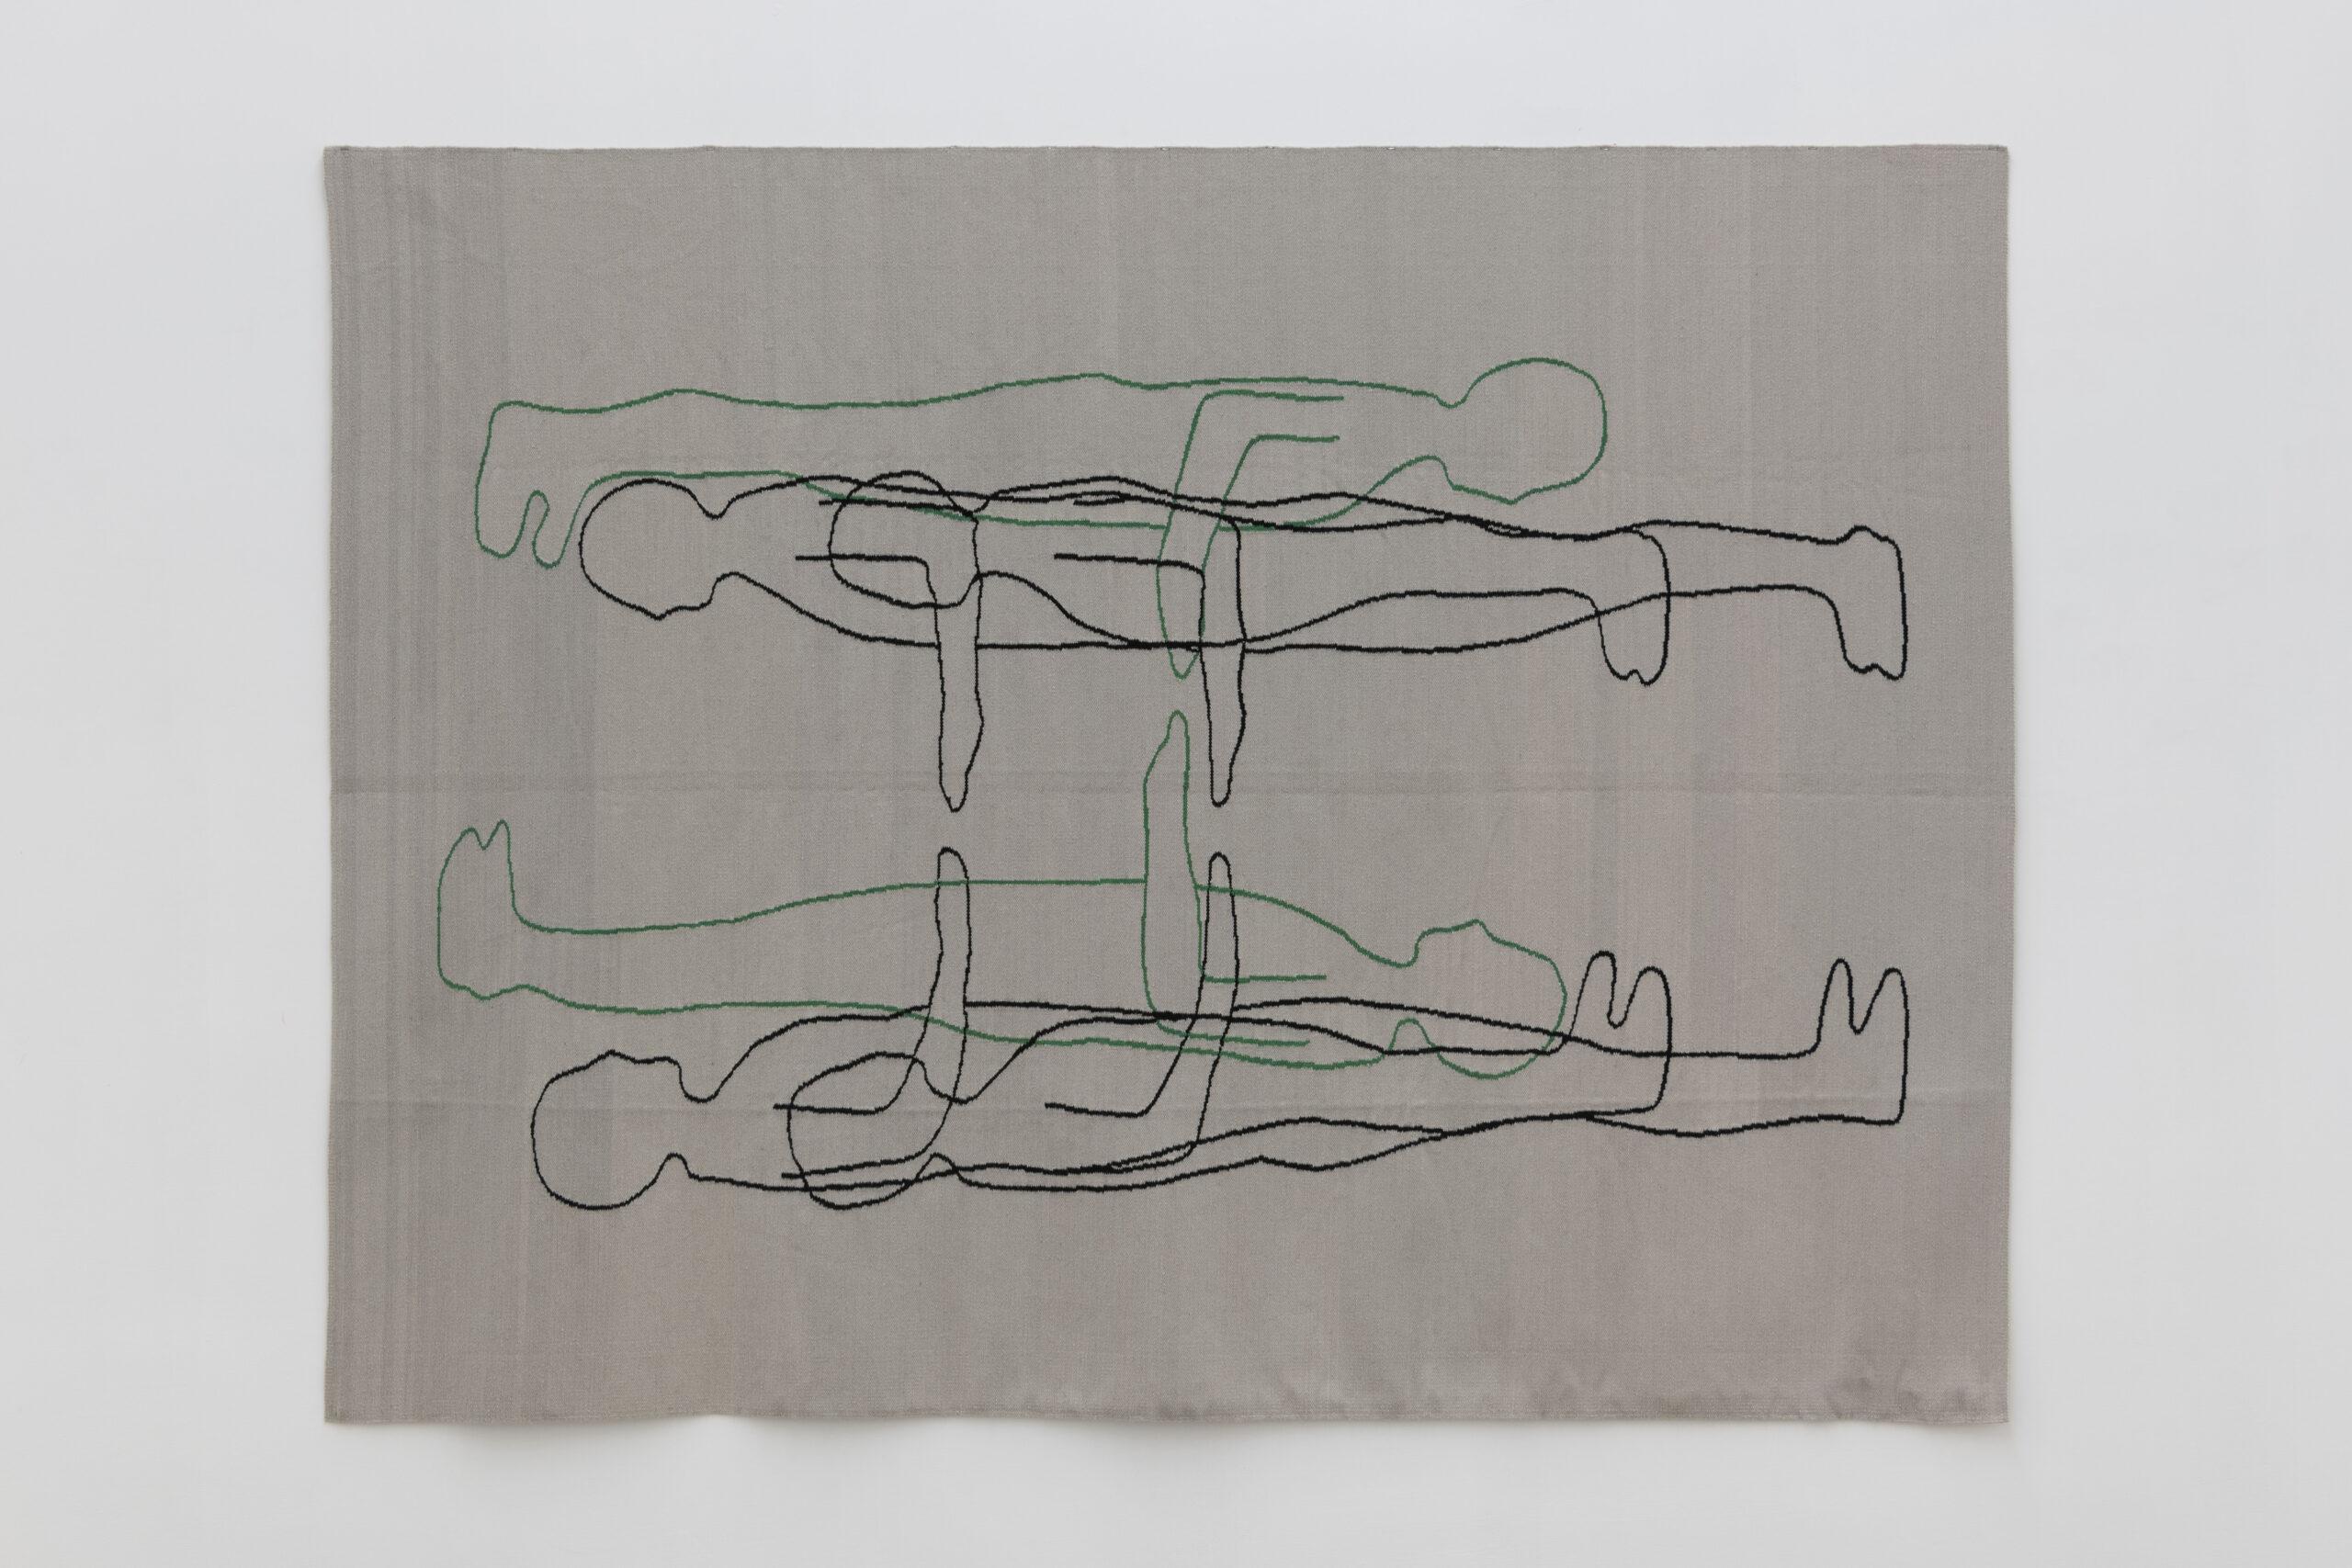 Ipotesi di realtà non convenzionali: Esther Kläs in mostra a Roma